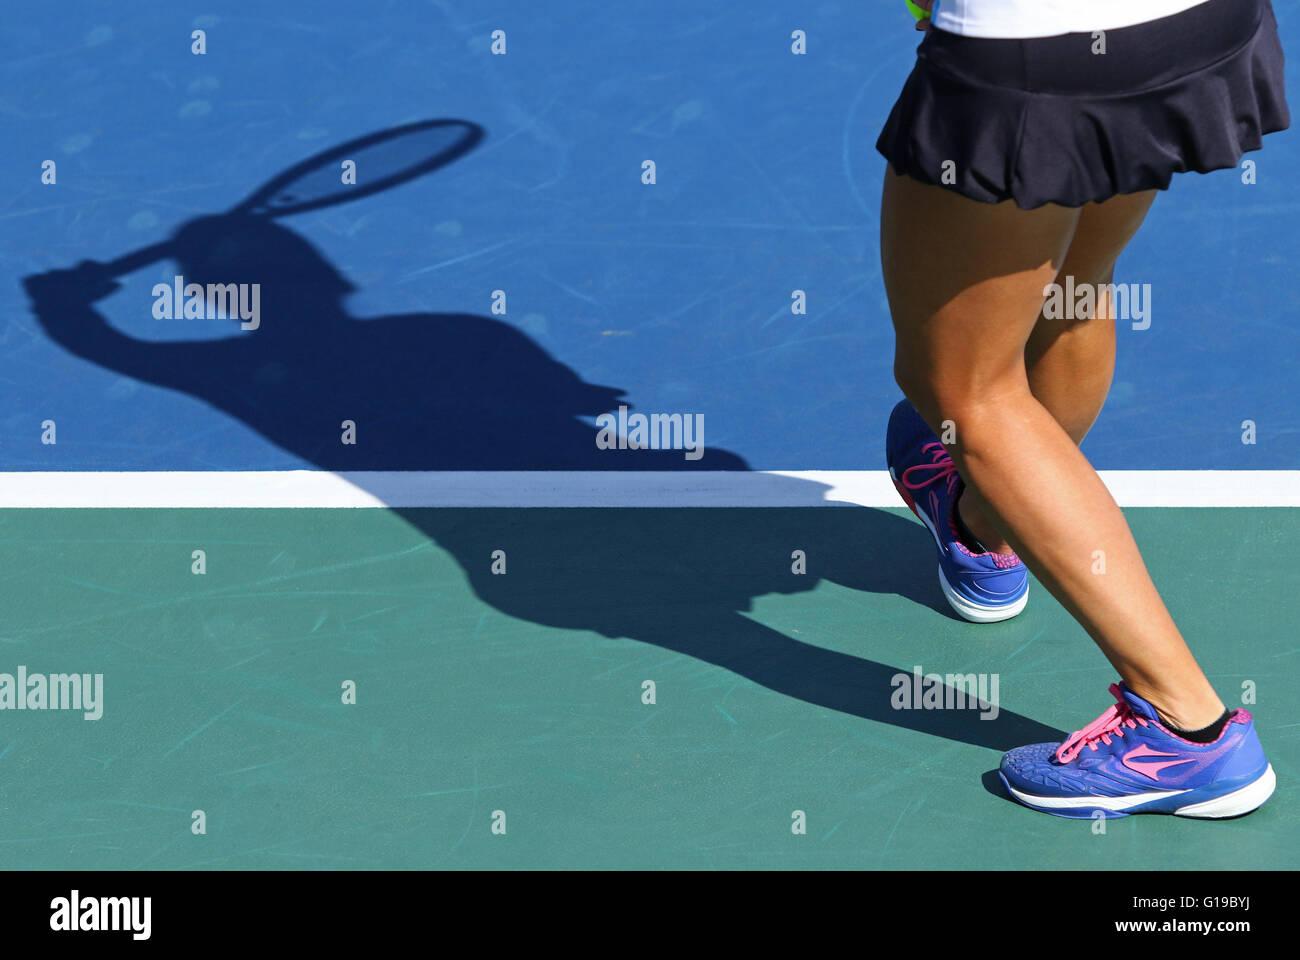 Ombra di donna giocatore di tennis, che serve la sfera Immagini Stock